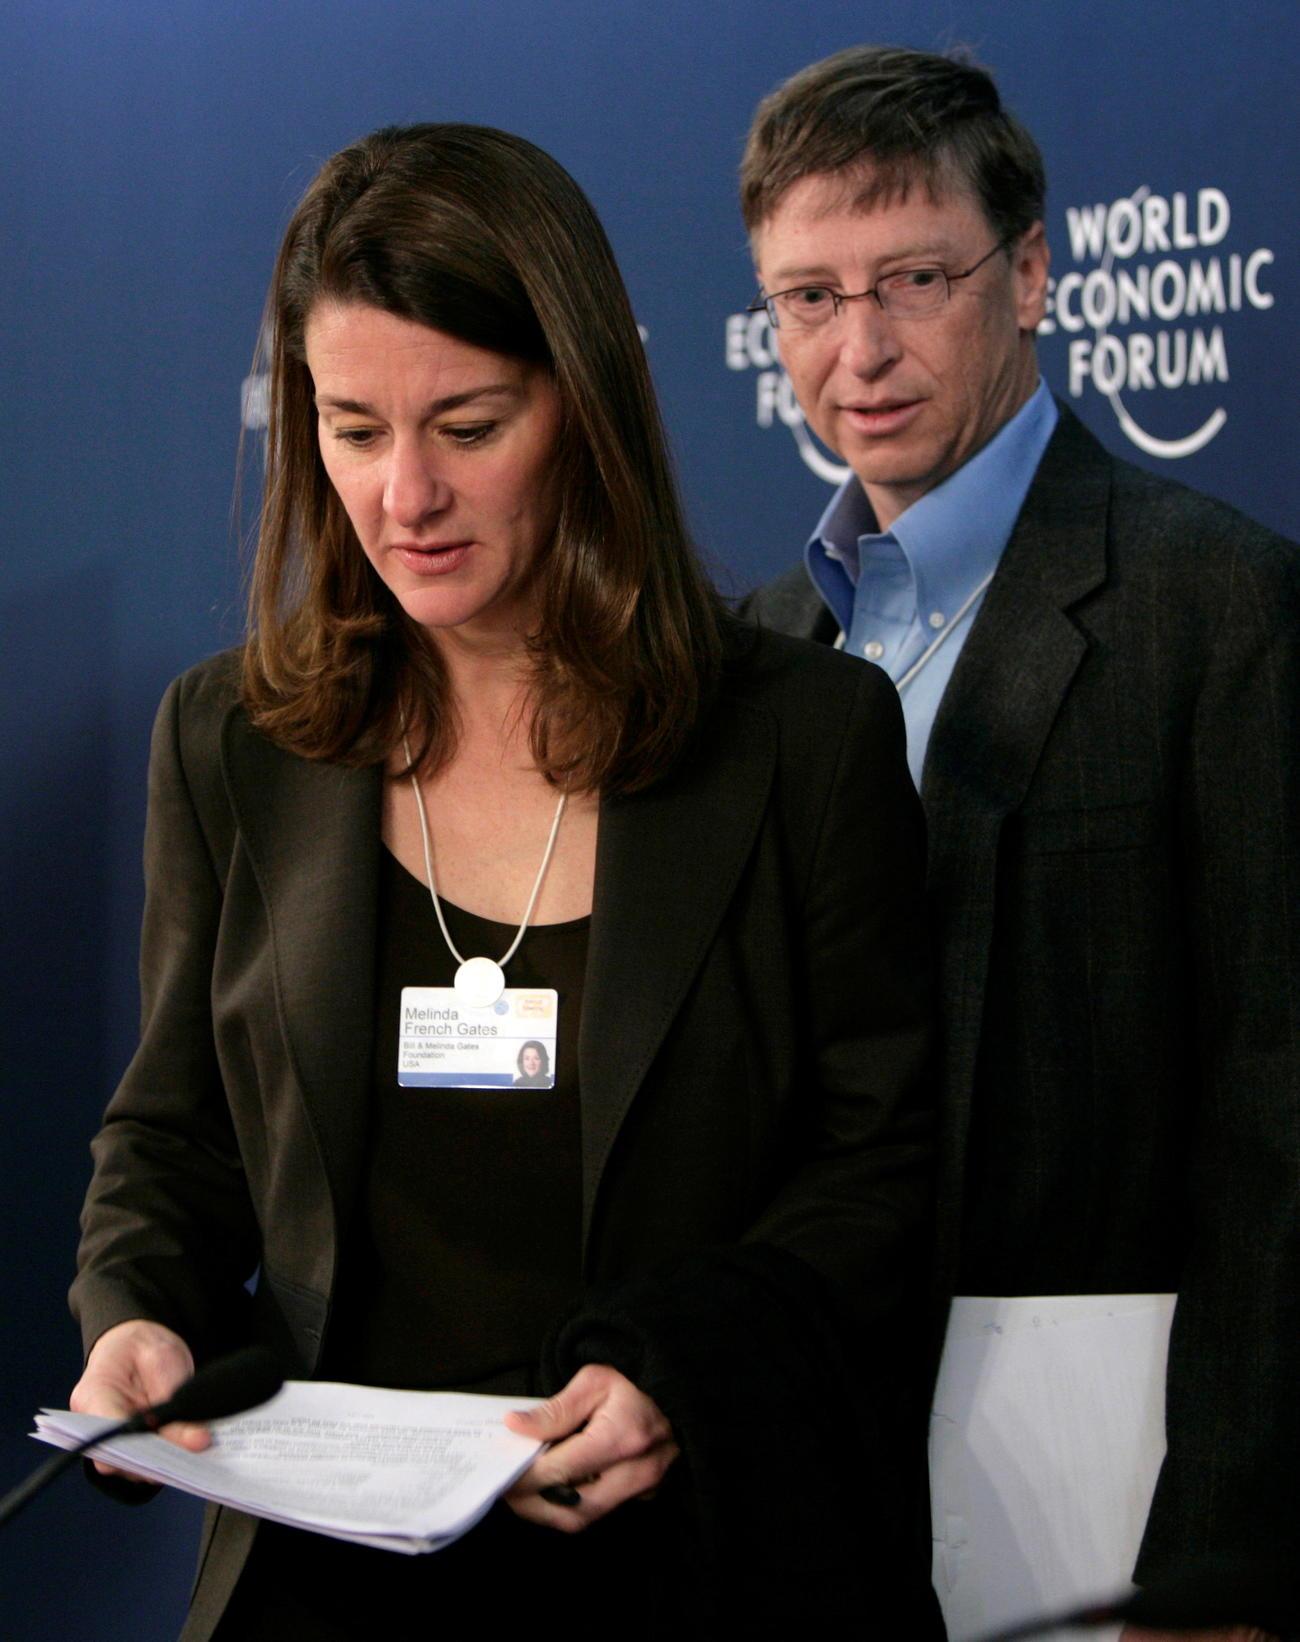 ビル・ゲイツ氏(右)とメリンダさん(07年1月撮影=ロイター)